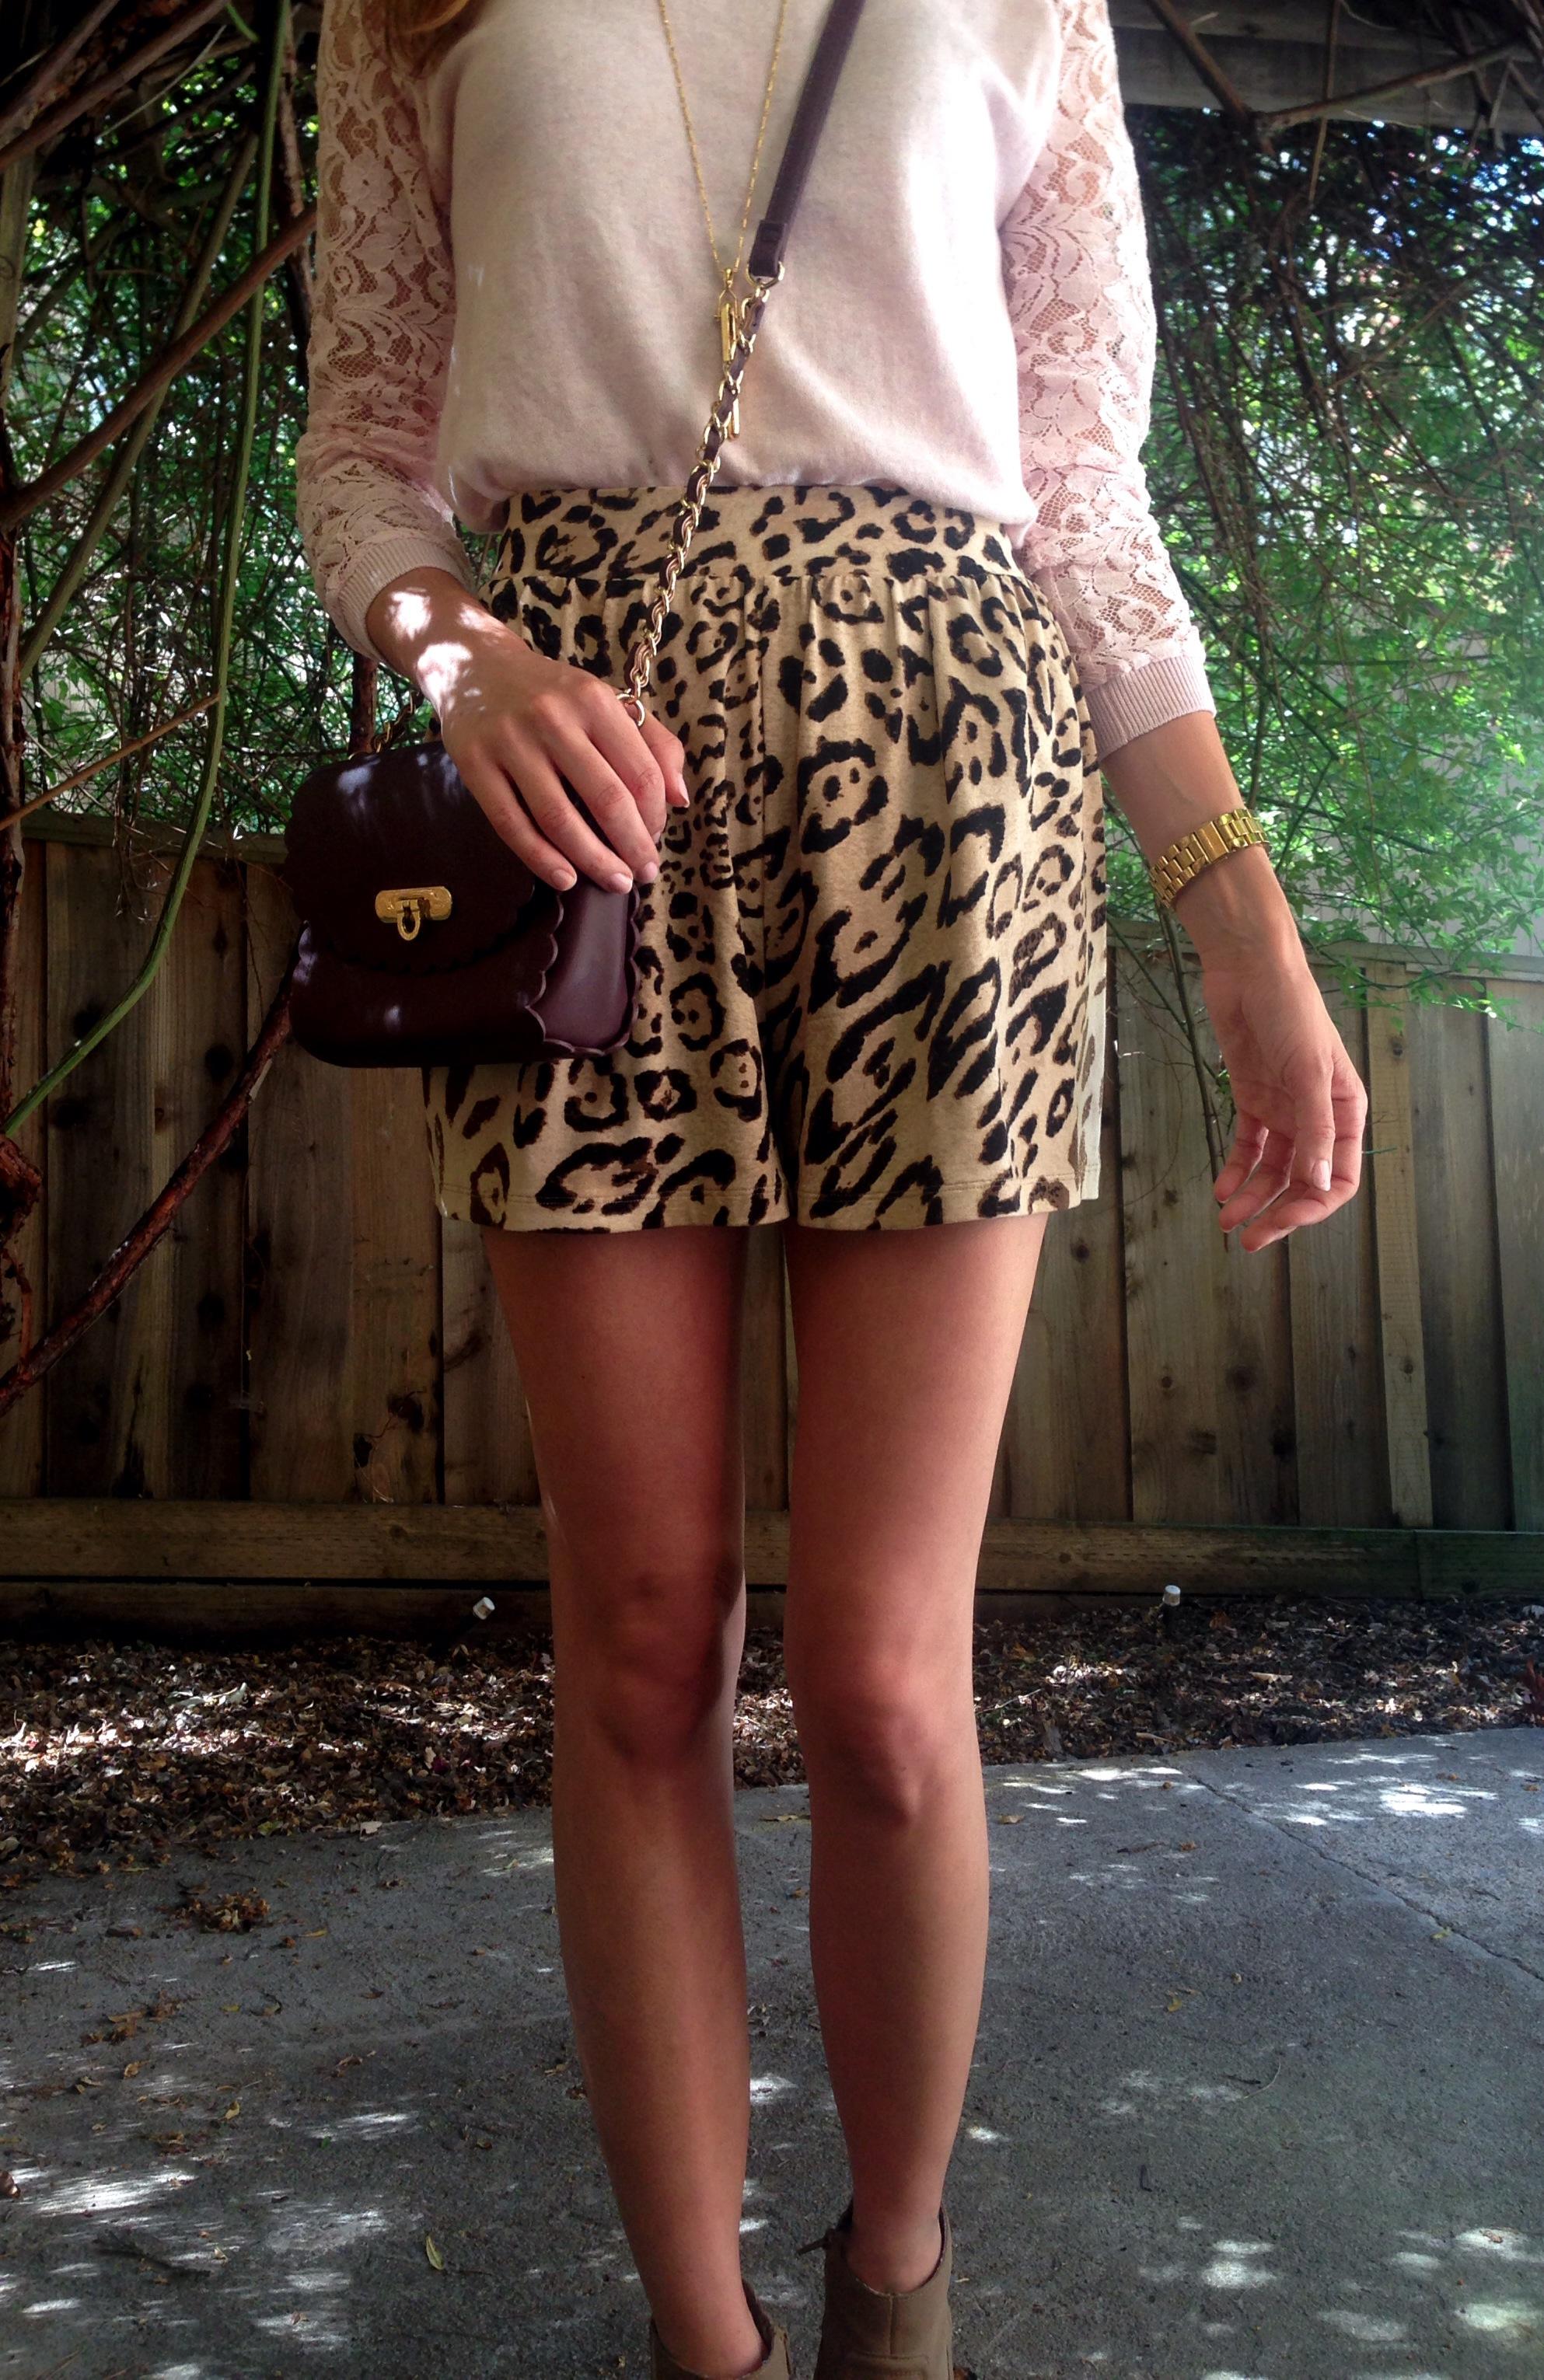 Top: ASOS. Shorts: ASOS. Bag: ASOS. Shoes: Dolce Vita via Tjmaxx. Necklace: Stella & Dot